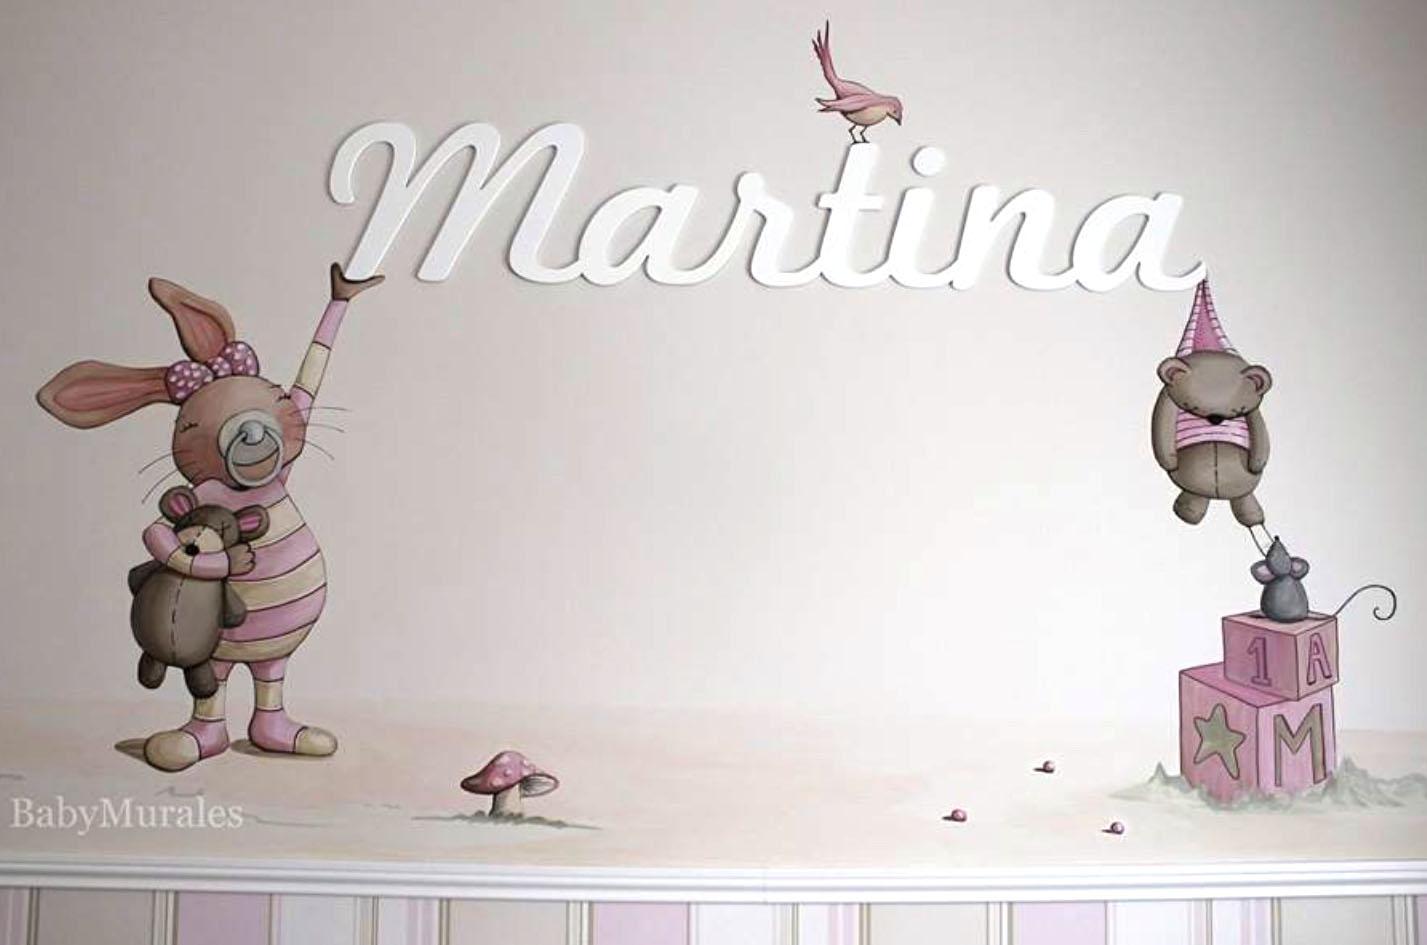 Encantadora combinación de ilustración realizada en mural y nombre de madera de Dosy2 Bebé. Imagen cedida por Babymar Alhaurín - Tienda de decoración infantil.